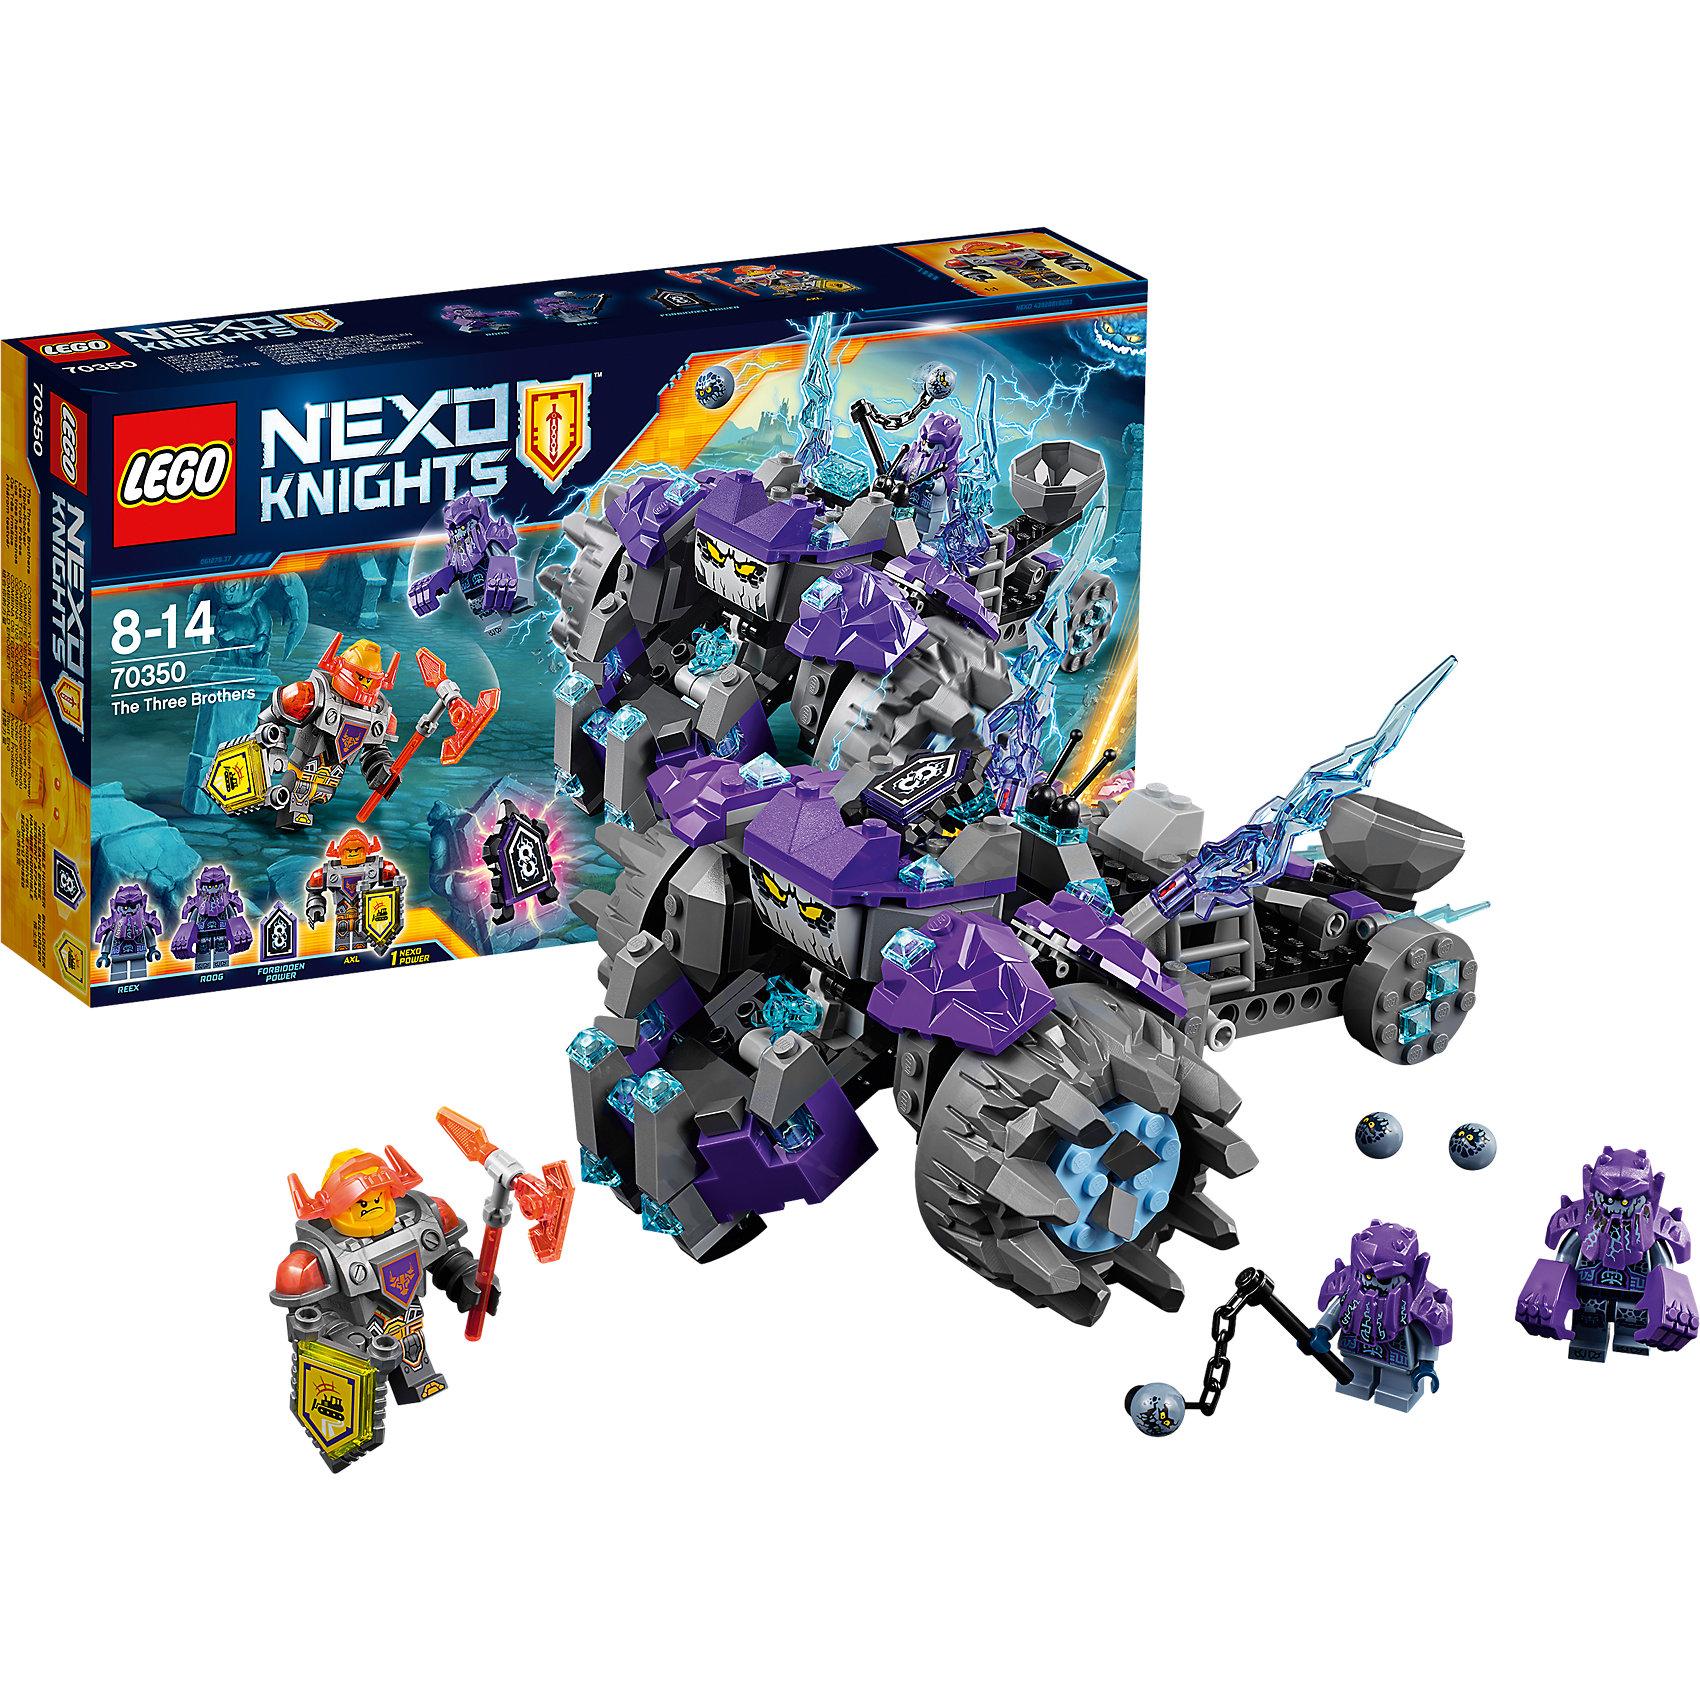 LEGO NEXO KNIGHTS 70350: Три братаПластмассовые конструкторы<br>LEGO NEXO KNIGHTS 70350: Три брата<br><br>Характеристики:<br><br>- в набор входит: монстр на колесах, 3 фигурки, защитная сила, запретная сила, аксессуары, красочная инструкция<br>- состав: пластик<br>- количество деталей: 208<br>- размер коробки: 19 * 7 * 35 см.<br>- размер монстра на колесах: 22 * 17 * 11 см.<br>- для детей в возрасте: от 8 до 14 лет<br>- Страна производитель: Дания/Китай/Чехия<br><br>Легендарный конструктор LEGO (ЛЕГО) представляет серию «NEXO KNIGHTS» (Нэксо Найтс) по сюжету одноименного мультсериала. Серия понравится любителям средневековья благодаря рыцарям, принцессам, монстрам и ужасным злодеям. Три брата каменных монстра противостоят Рыцарю Акселю. Каменные монстры Рикс и Руг представлены в виде минифигурок и очень качественно выполнены в своих деталях, имеют по два выражения лица. Самый большой брат - это монстр с колесами, который собирается из серых и фиолетовых частей. Колеса выполнены из уникальных деталей, при движении пасть монстра открывается и закрывается, а также плавно перемещается вперед и назад. Монстр обладает запретной силой «Волчий голод». Полупрозрачные синие детали-молнии можно двигать, изменяя их положение на свой вкус. Под лестницей в кабину управления хранятся гравильеры – заряды для катапульты и ручное оружие. Встроенная несложная катапульта поможет закидать рыцарей гравильерами, можно заряжать сразу несколько снарядов. Рыцарь Аксель изменил свои доспехи добавив прозрачно-оранжевое забрало. В руках рыцарь держит Нексо-щит на котором расположена сила «Бульдозер» и топор из трех лего деталей. Помогай рыцарям бороться с каменными монстрами с помощью прогресса и невероятной Нексо силы!<br><br>Конструктор LEGO NEXO KNIGHTS 70350: Три брата можно купить в нашем интернет-магазине.<br><br>Ширина мм: 353<br>Глубина мм: 195<br>Высота мм: 73<br>Вес г: 511<br>Возраст от месяцев: 84<br>Возраст до месяцев: 168<br>Пол: Мужской<br>Возраст: Детский<br>SKU: 5002423